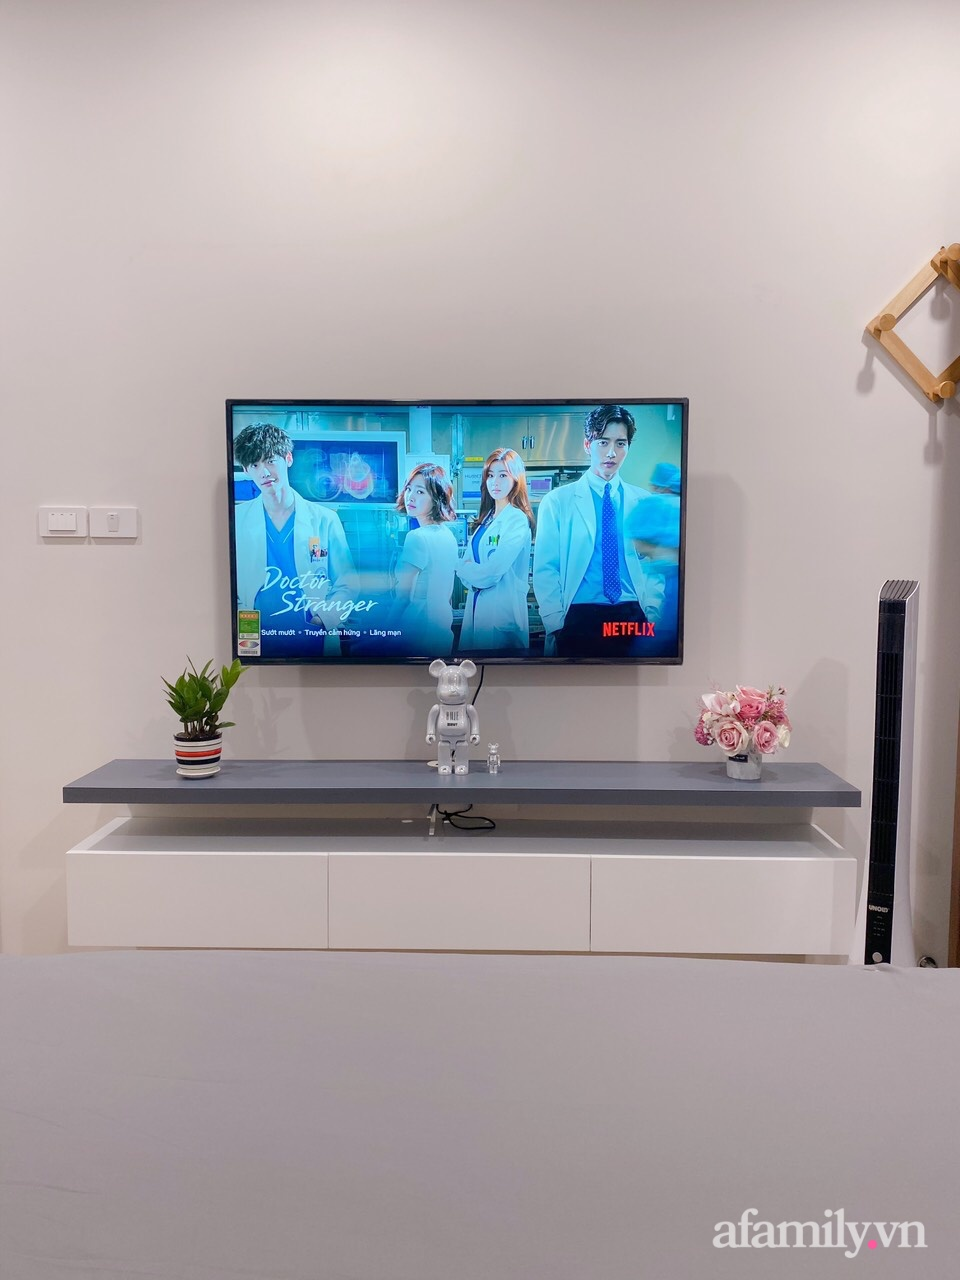 Căn hộ 92m² đong đầy hạnh phúc với nội thất đơn giản, hiện đại của vợ chồng trẻ Hà Nội - Ảnh 16.